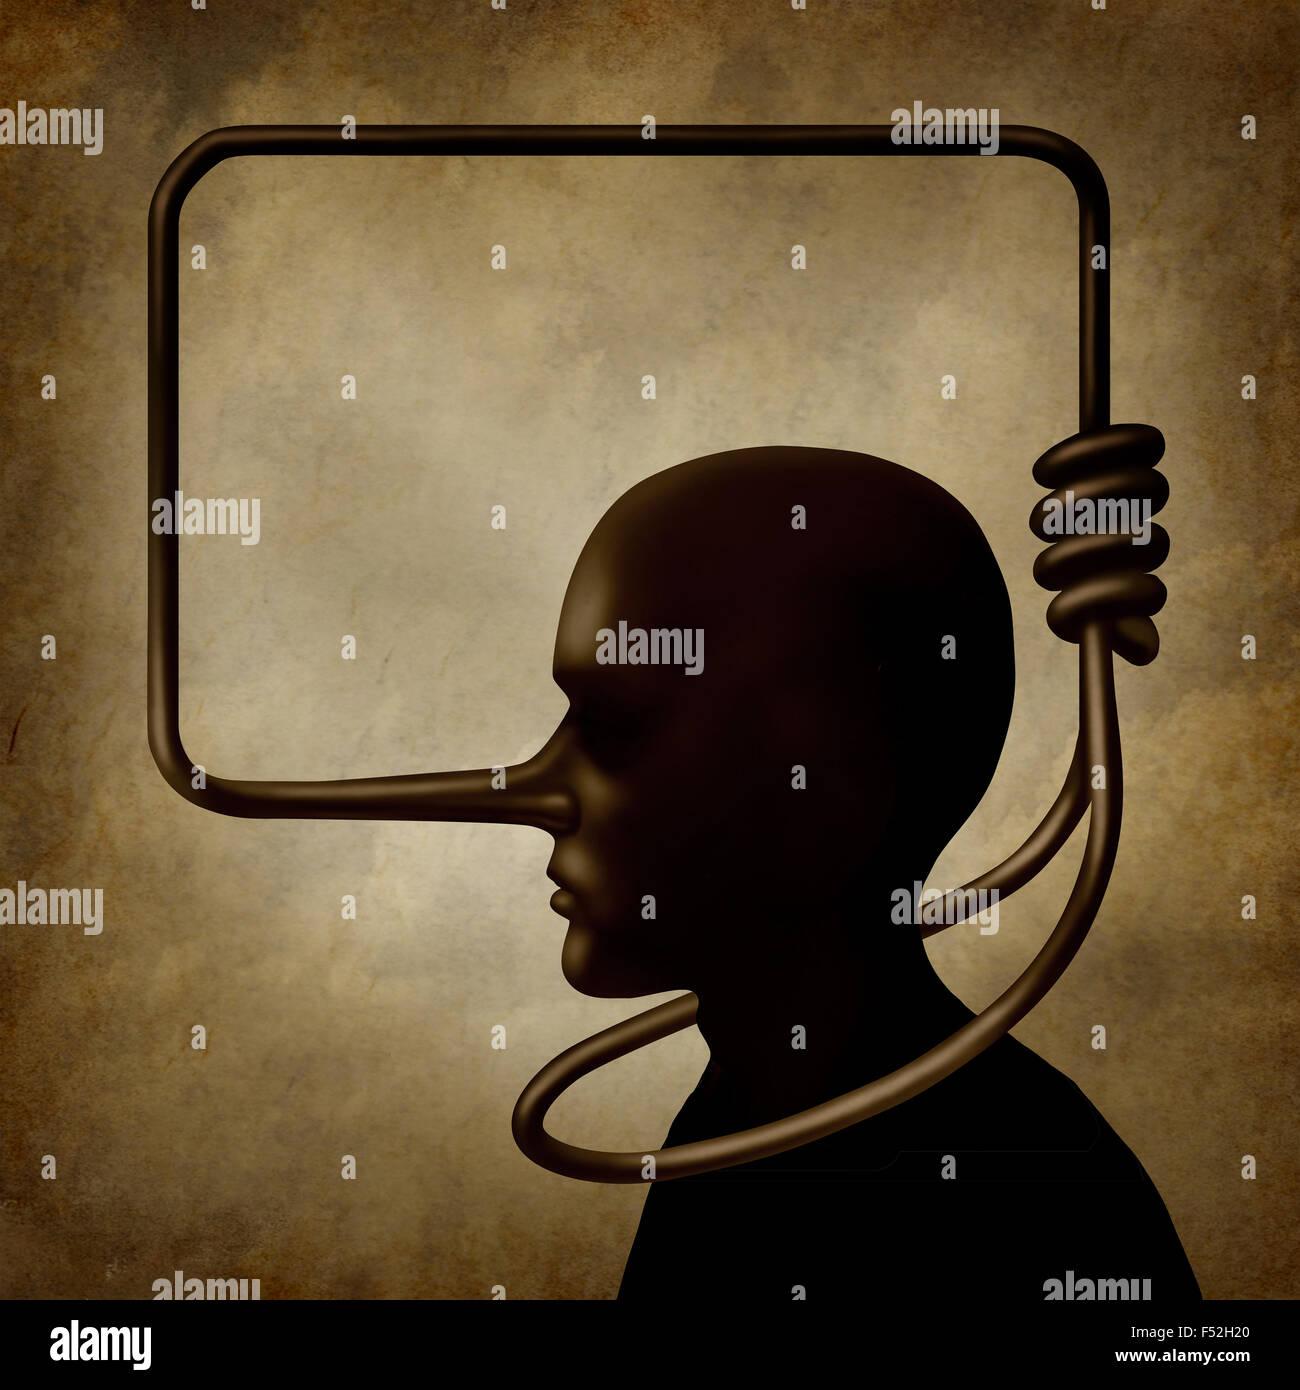 Symbol Of Shame Imgenes De Stock Symbol Of Shame Fotos De Stock